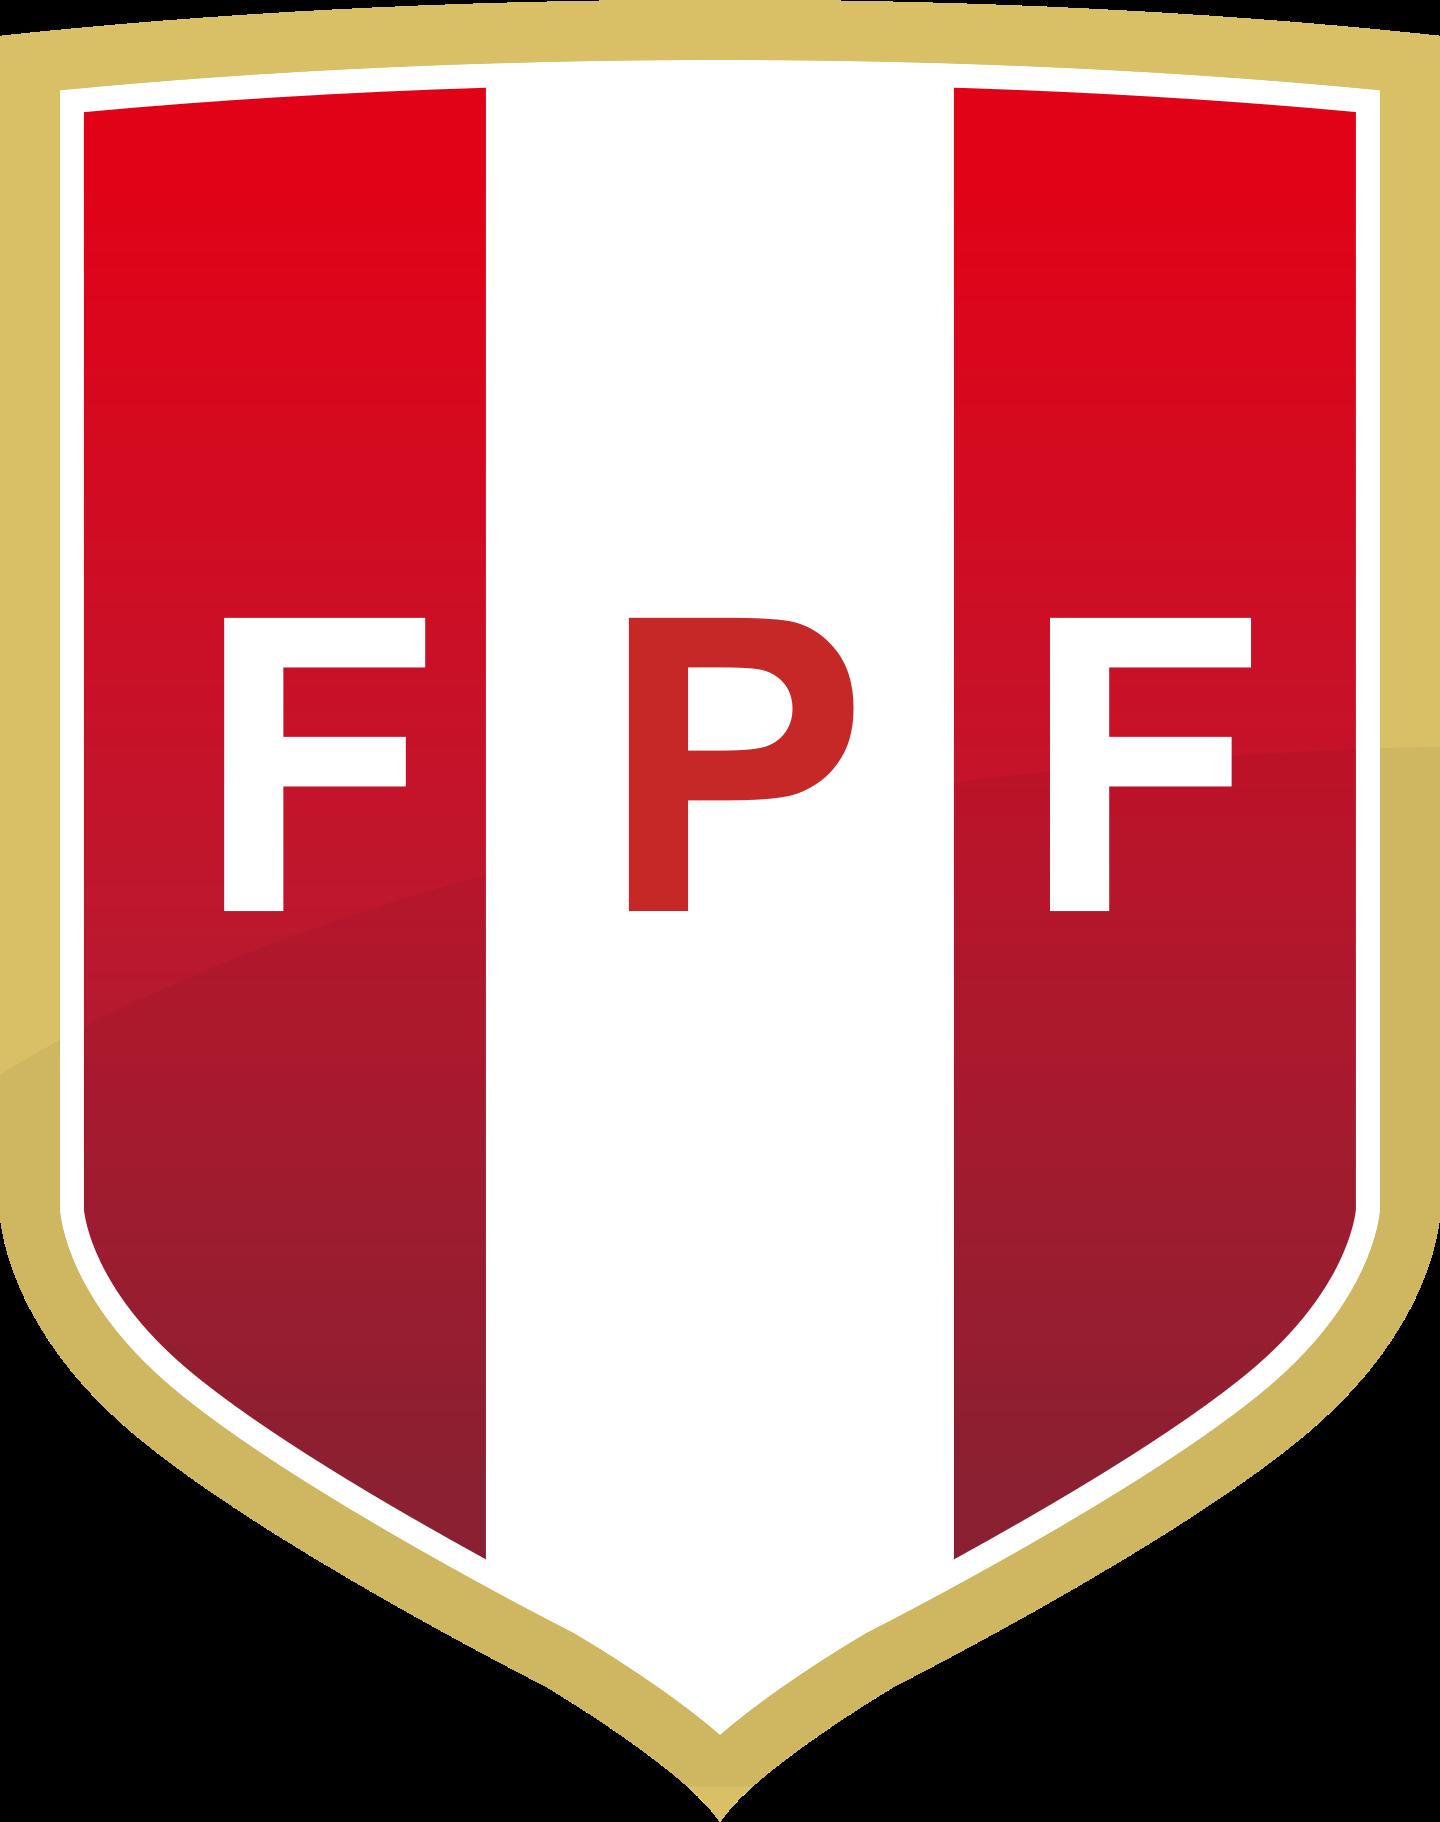 fpf selección de futbol del peru logo 2 - FPF Logo - Seleção do Peru Logo